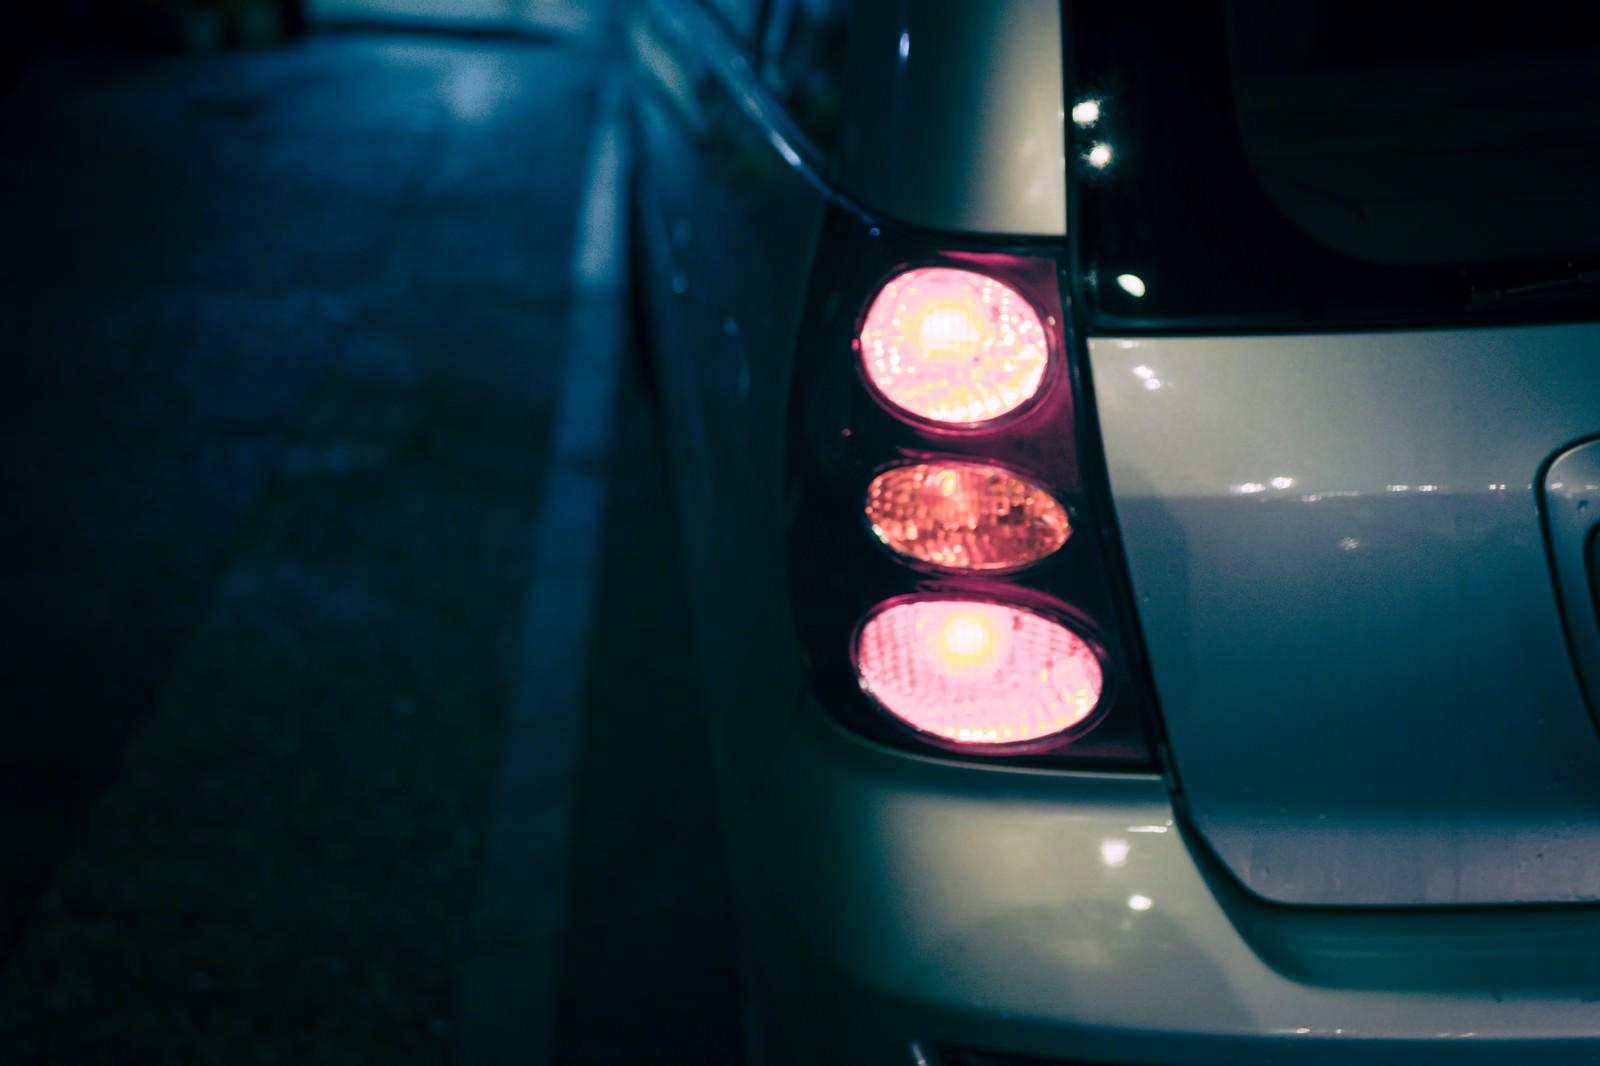 「雨の日の車のテールランプ雨の日の車のテールランプ」のフリー写真素材を拡大